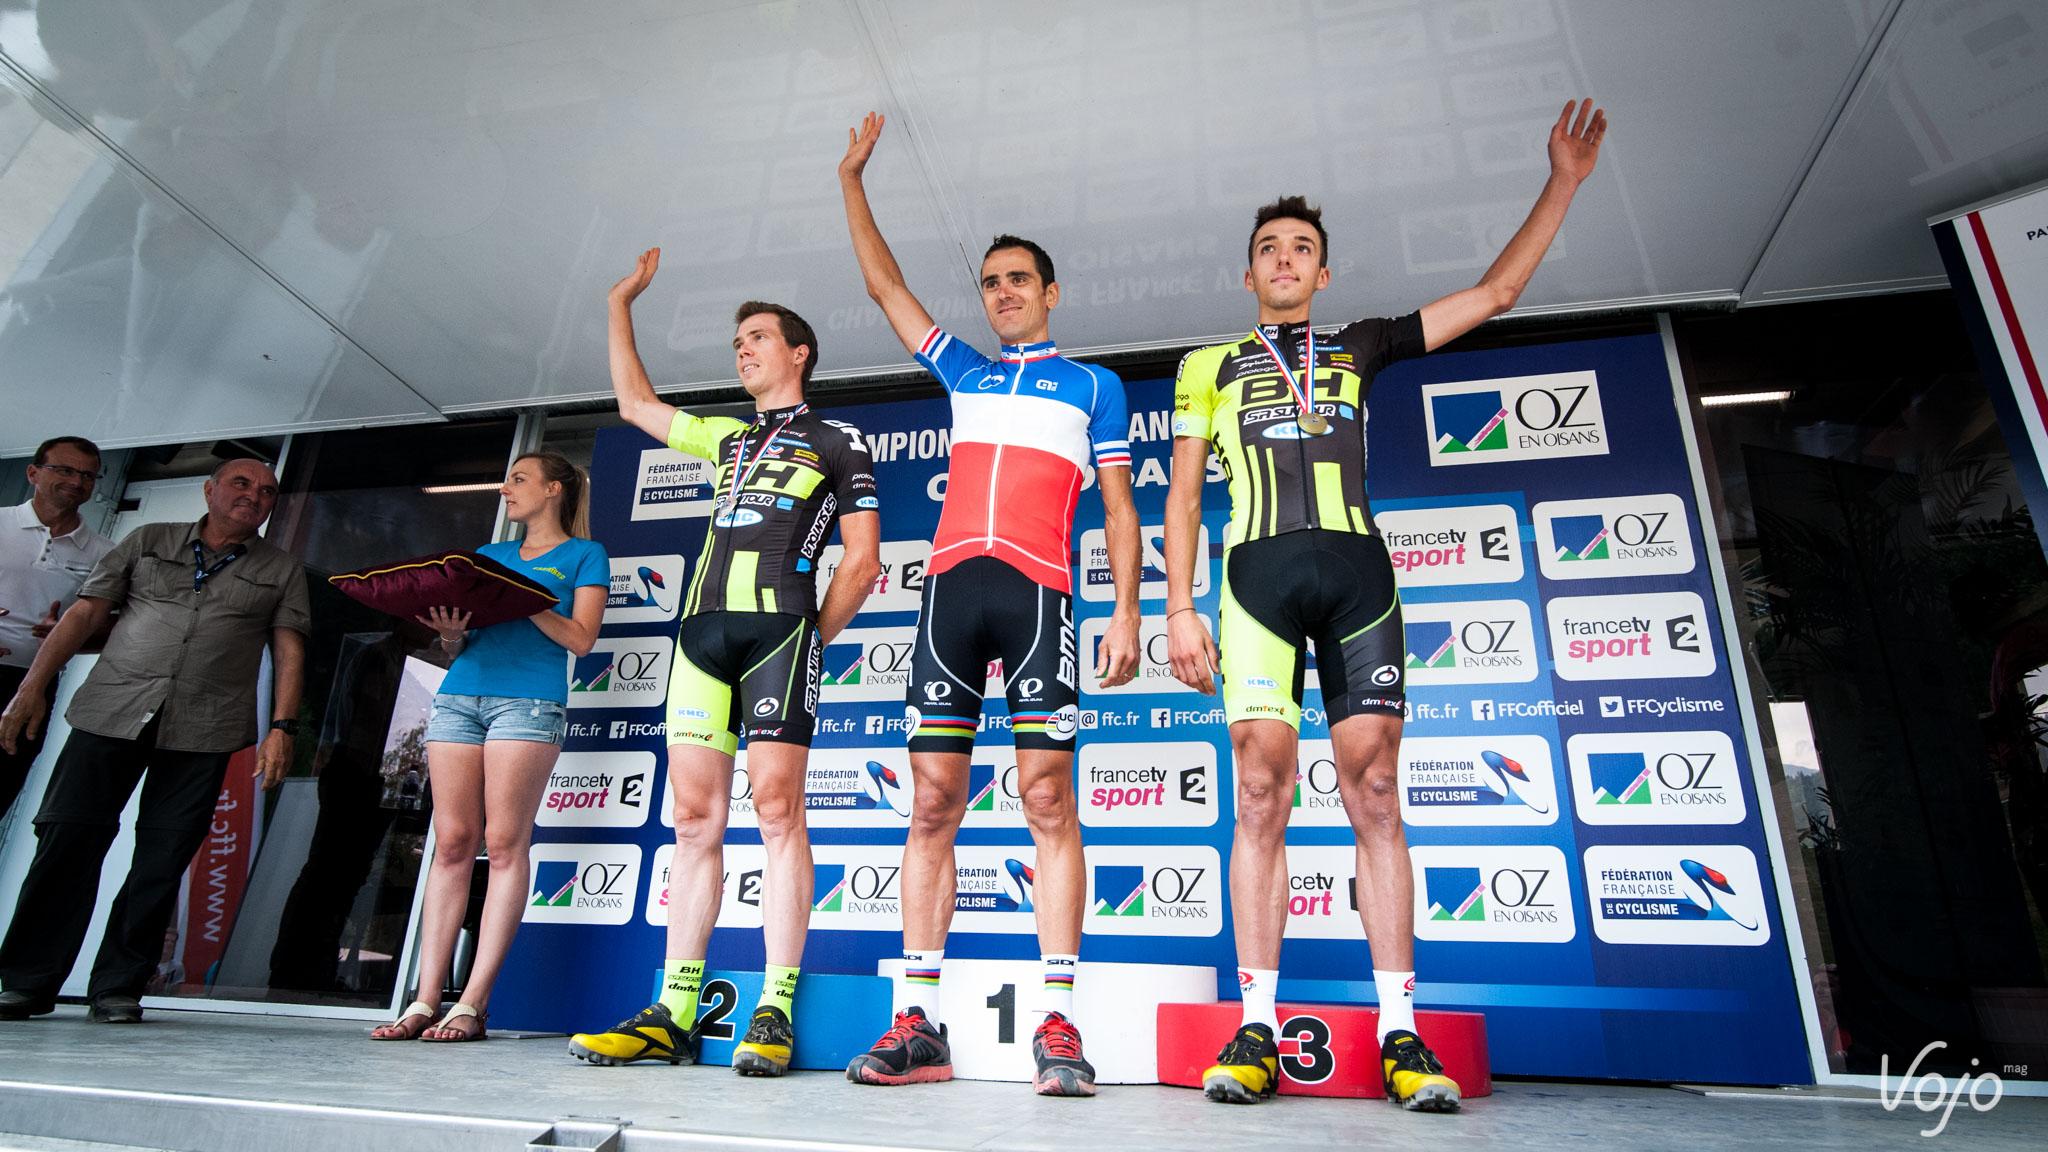 Championnats-de-france-2015-Oz-XC-resulats-5